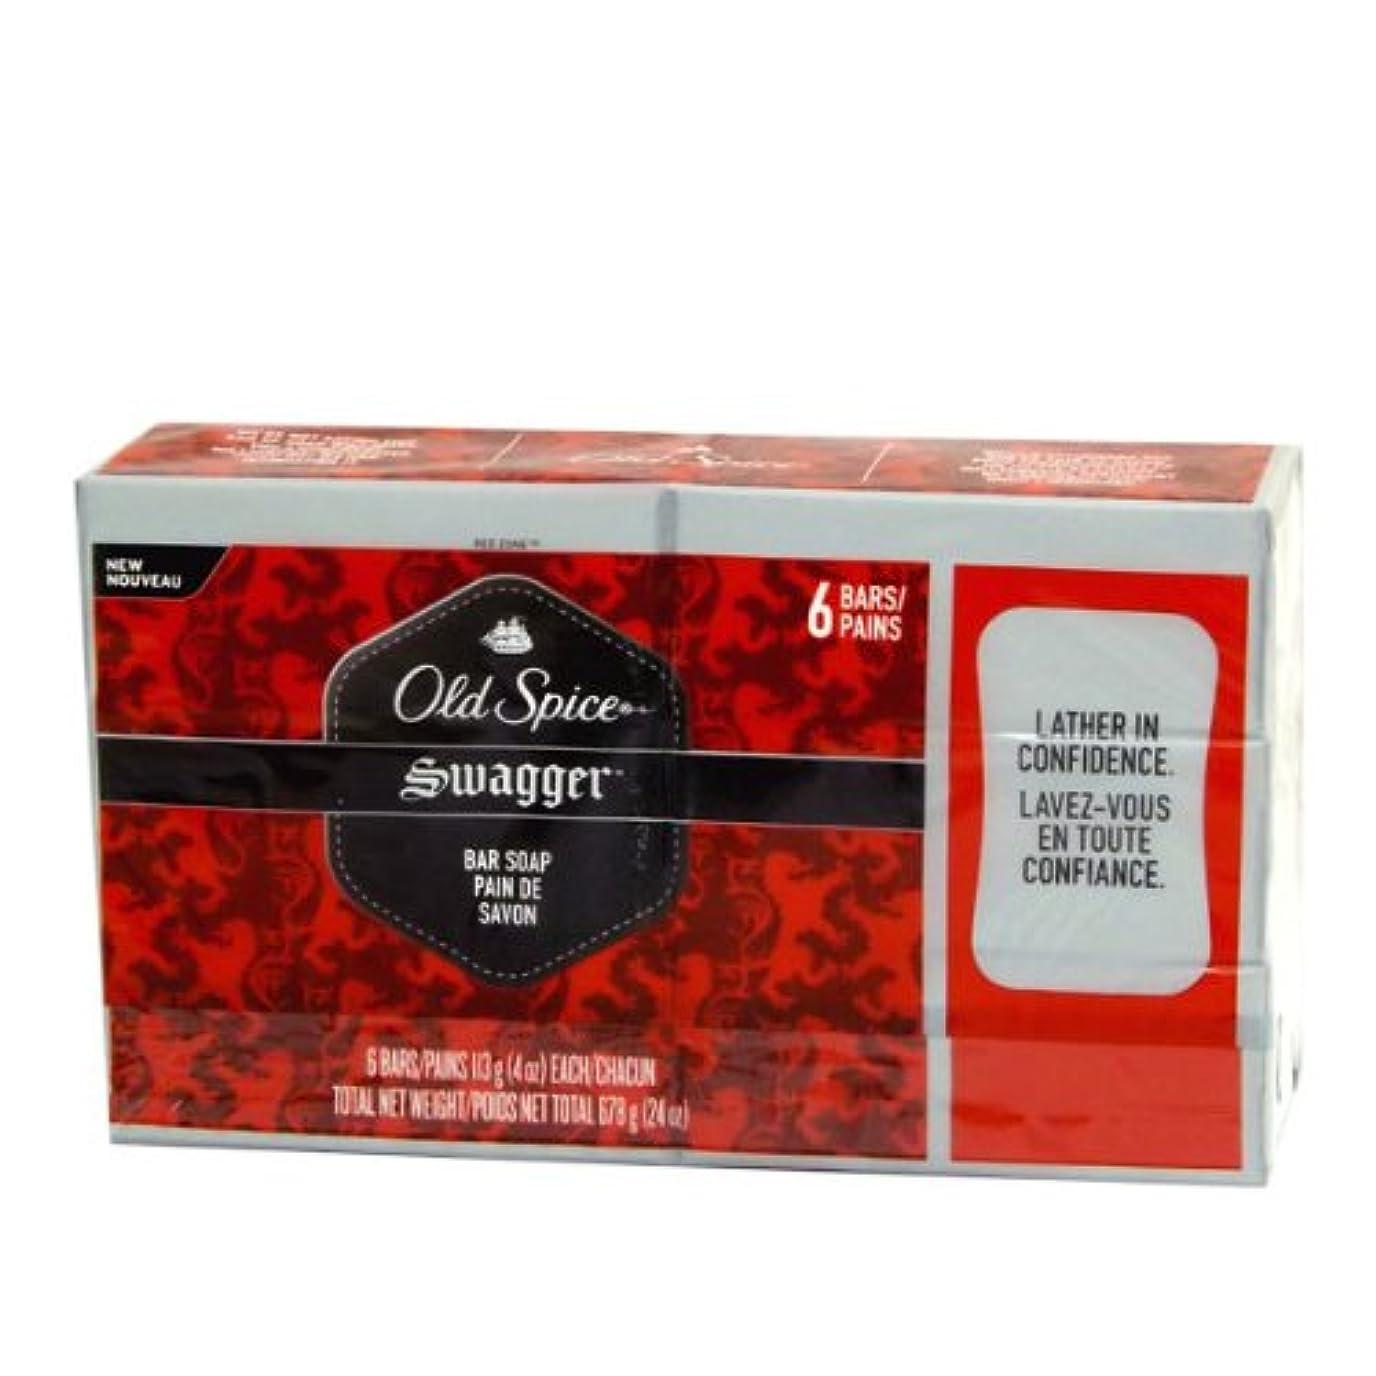 構成員特異なはっきりとOld spice bar soap swagger オールドスパイス バーソープ スワガー (石鹸) 6個パック [並行輸入品]